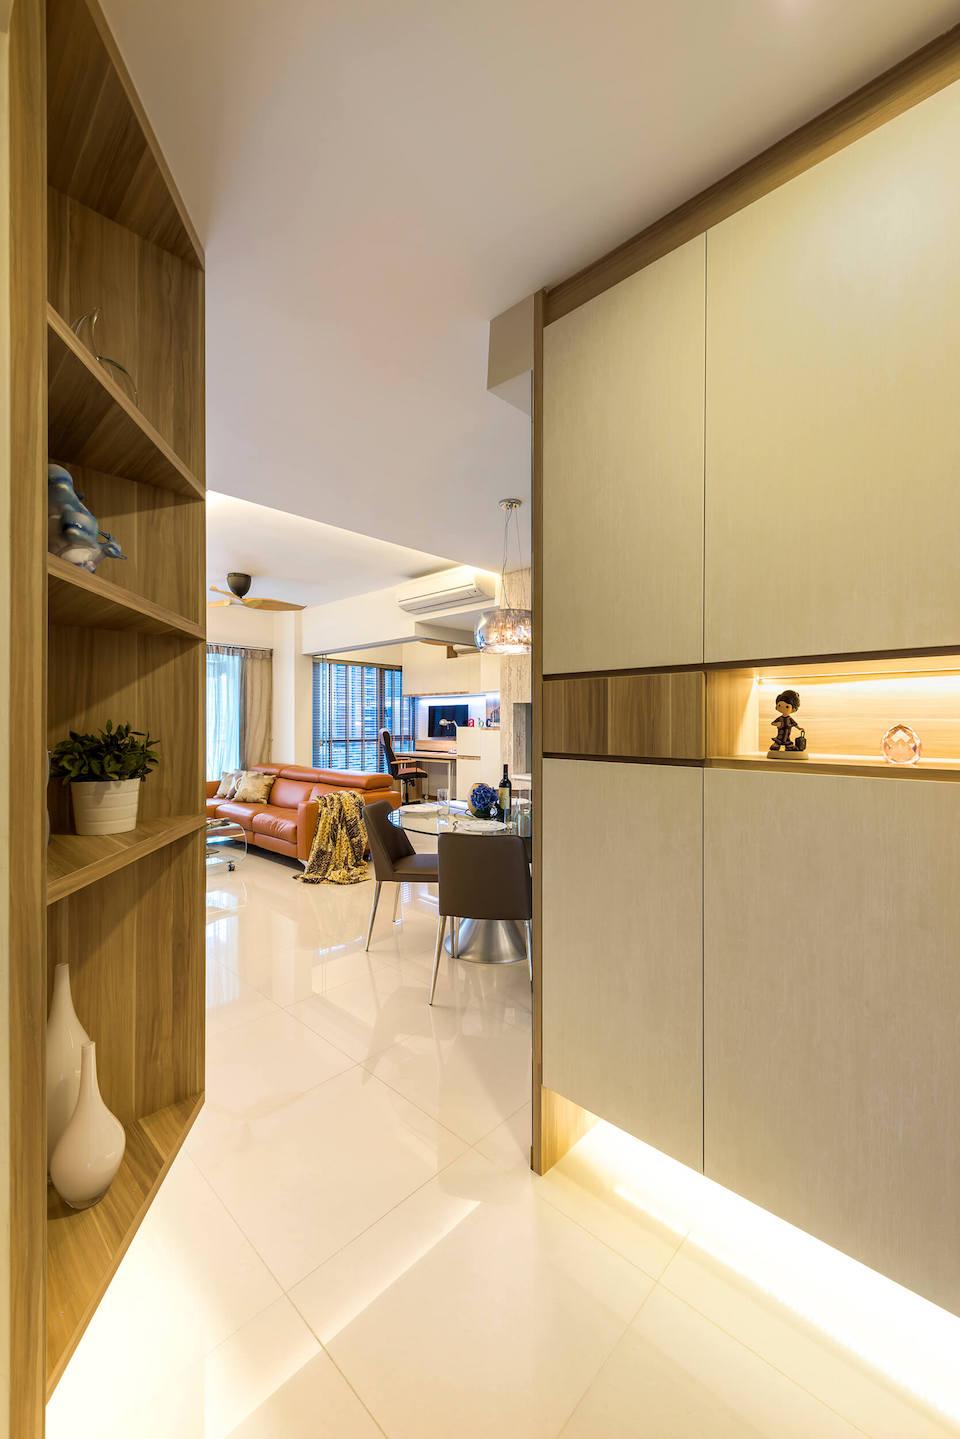 Interior Design Singapore At Treasure Cove In Punggol